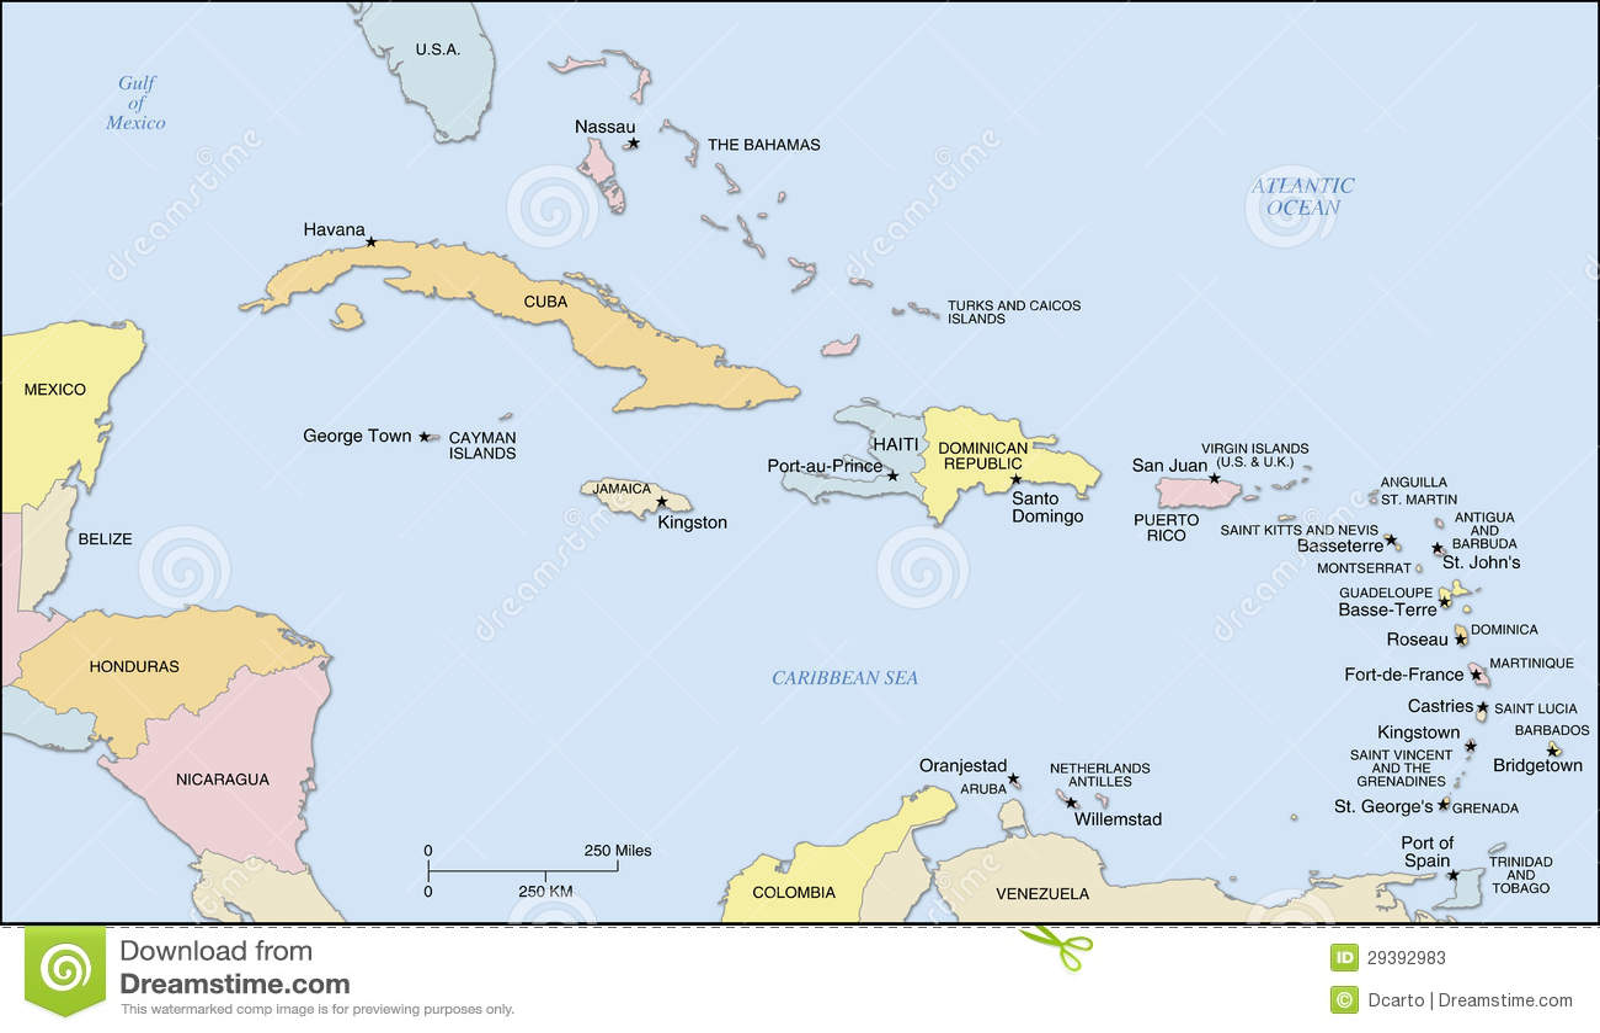 Bien-aimé Carte D'îles Des Caraïbes Photos stock - Image: 29392983 MM58